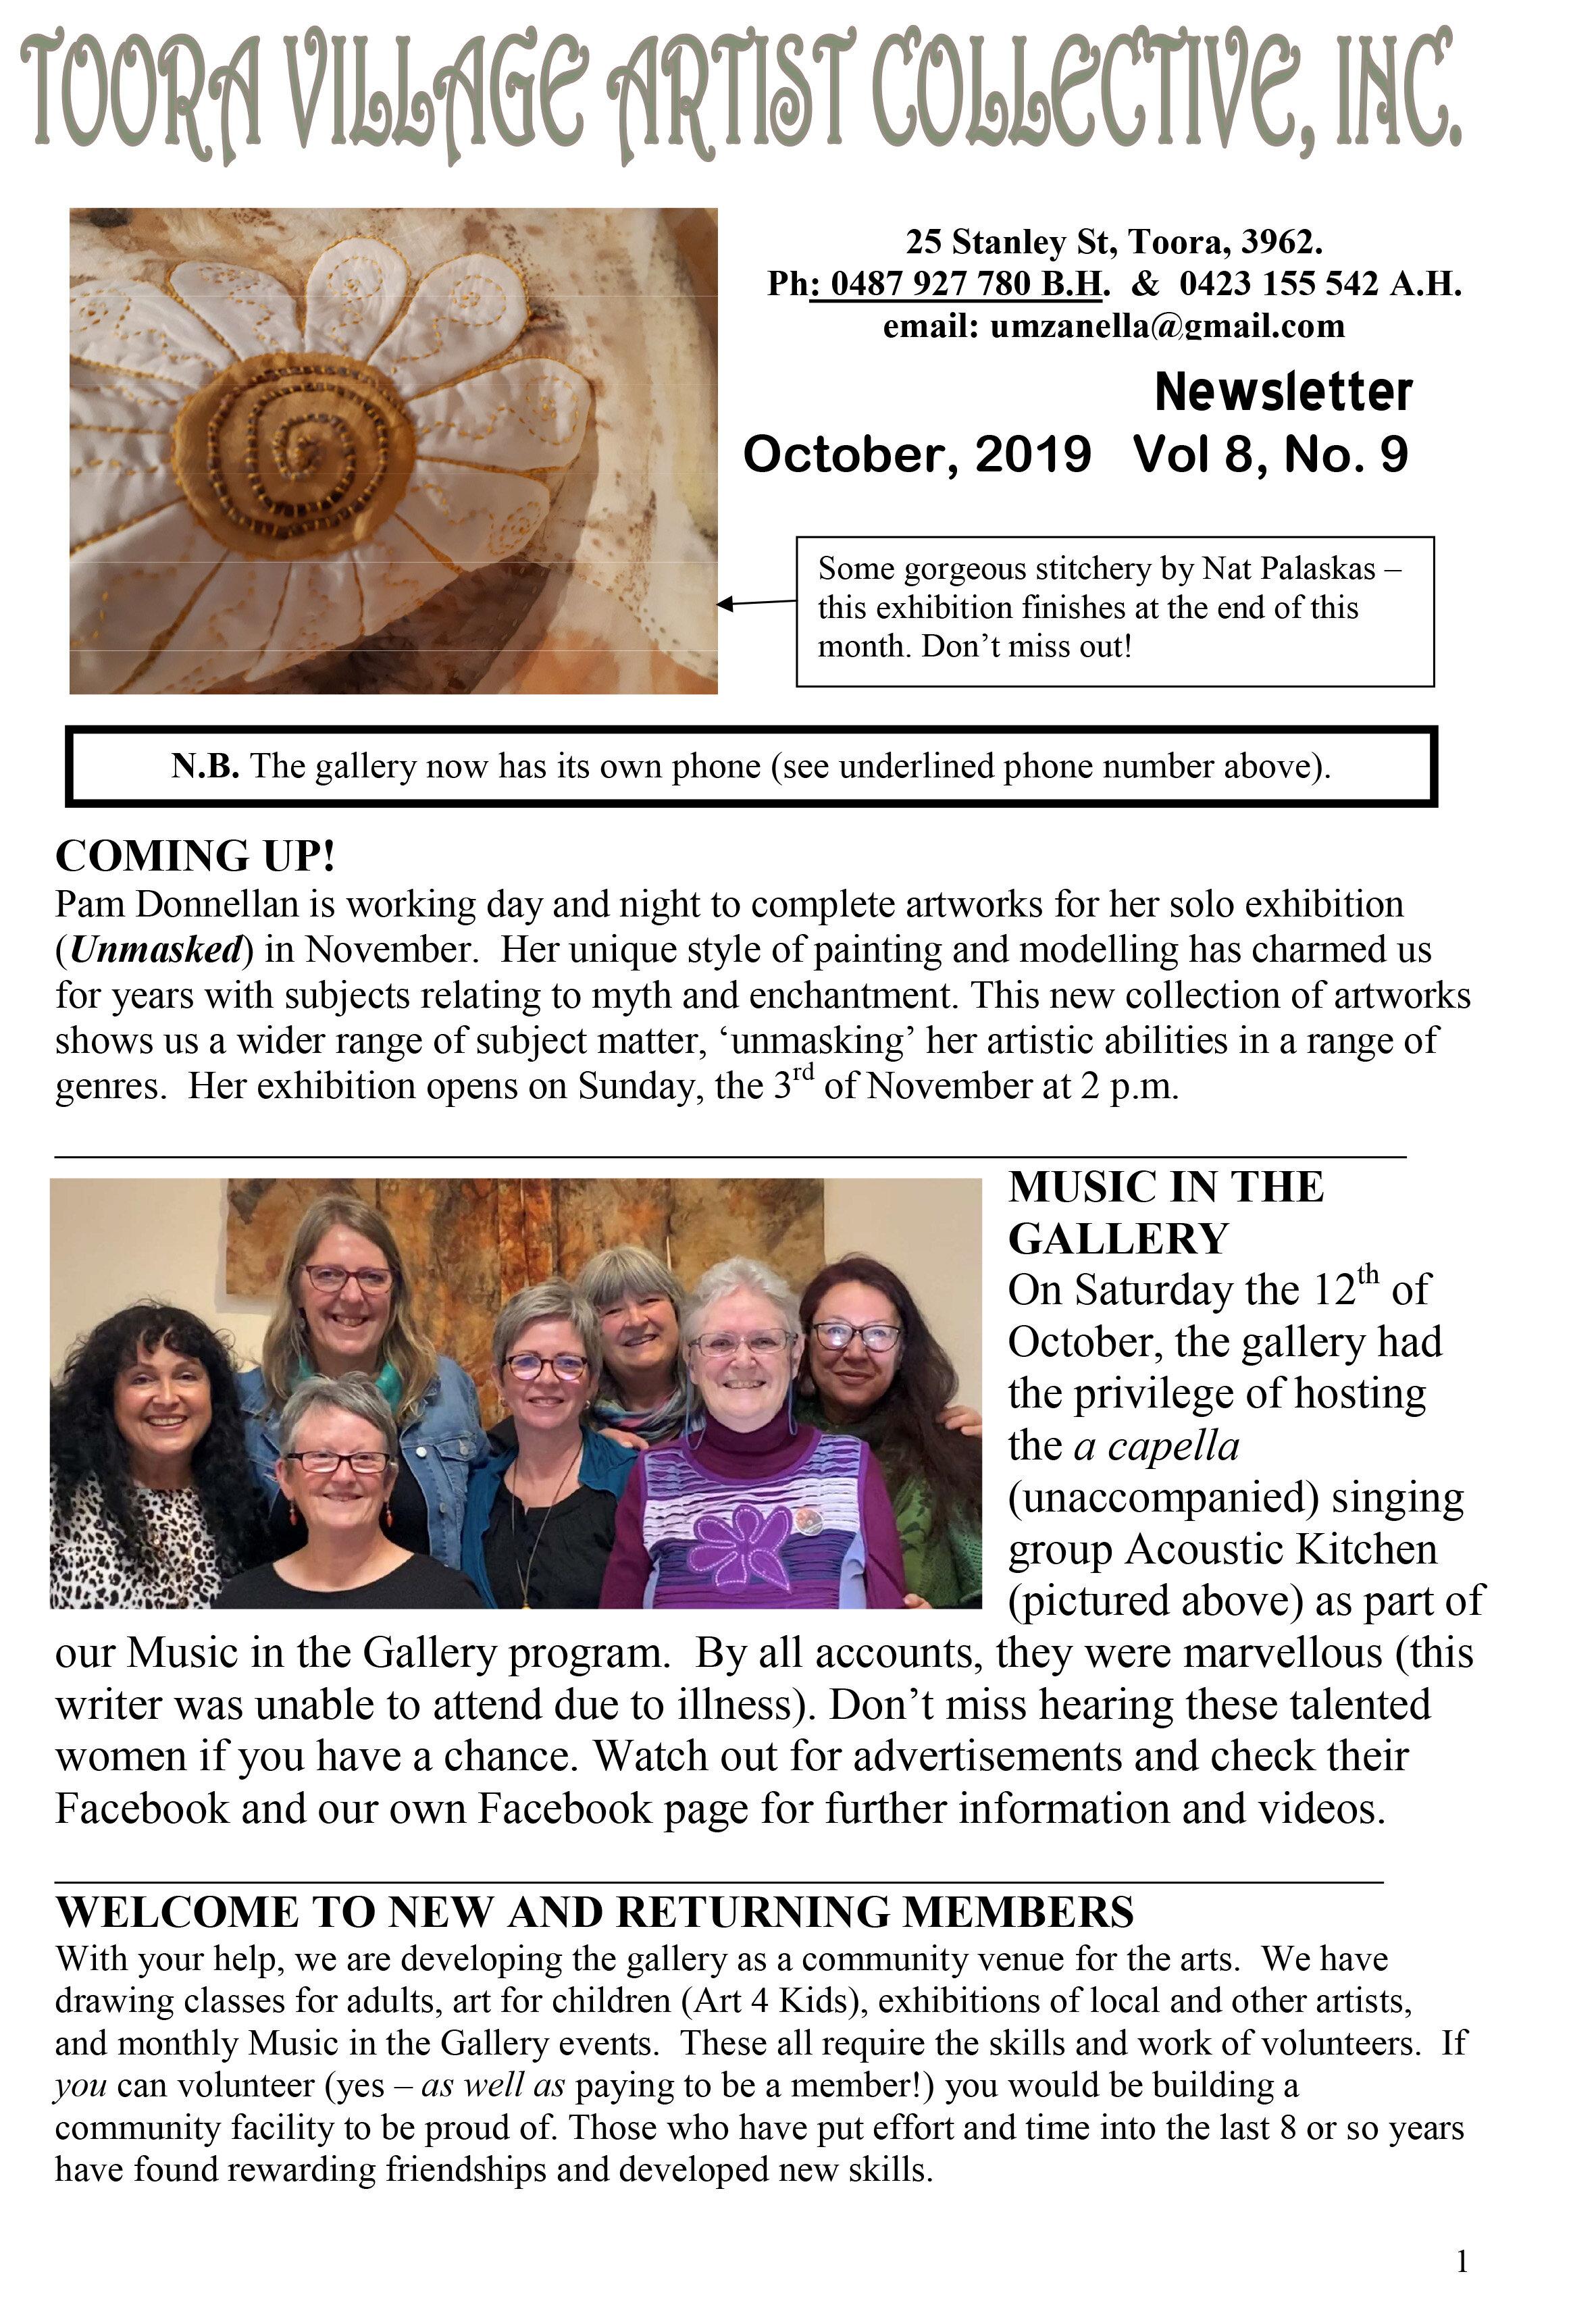 October Newsletter_1.jpg